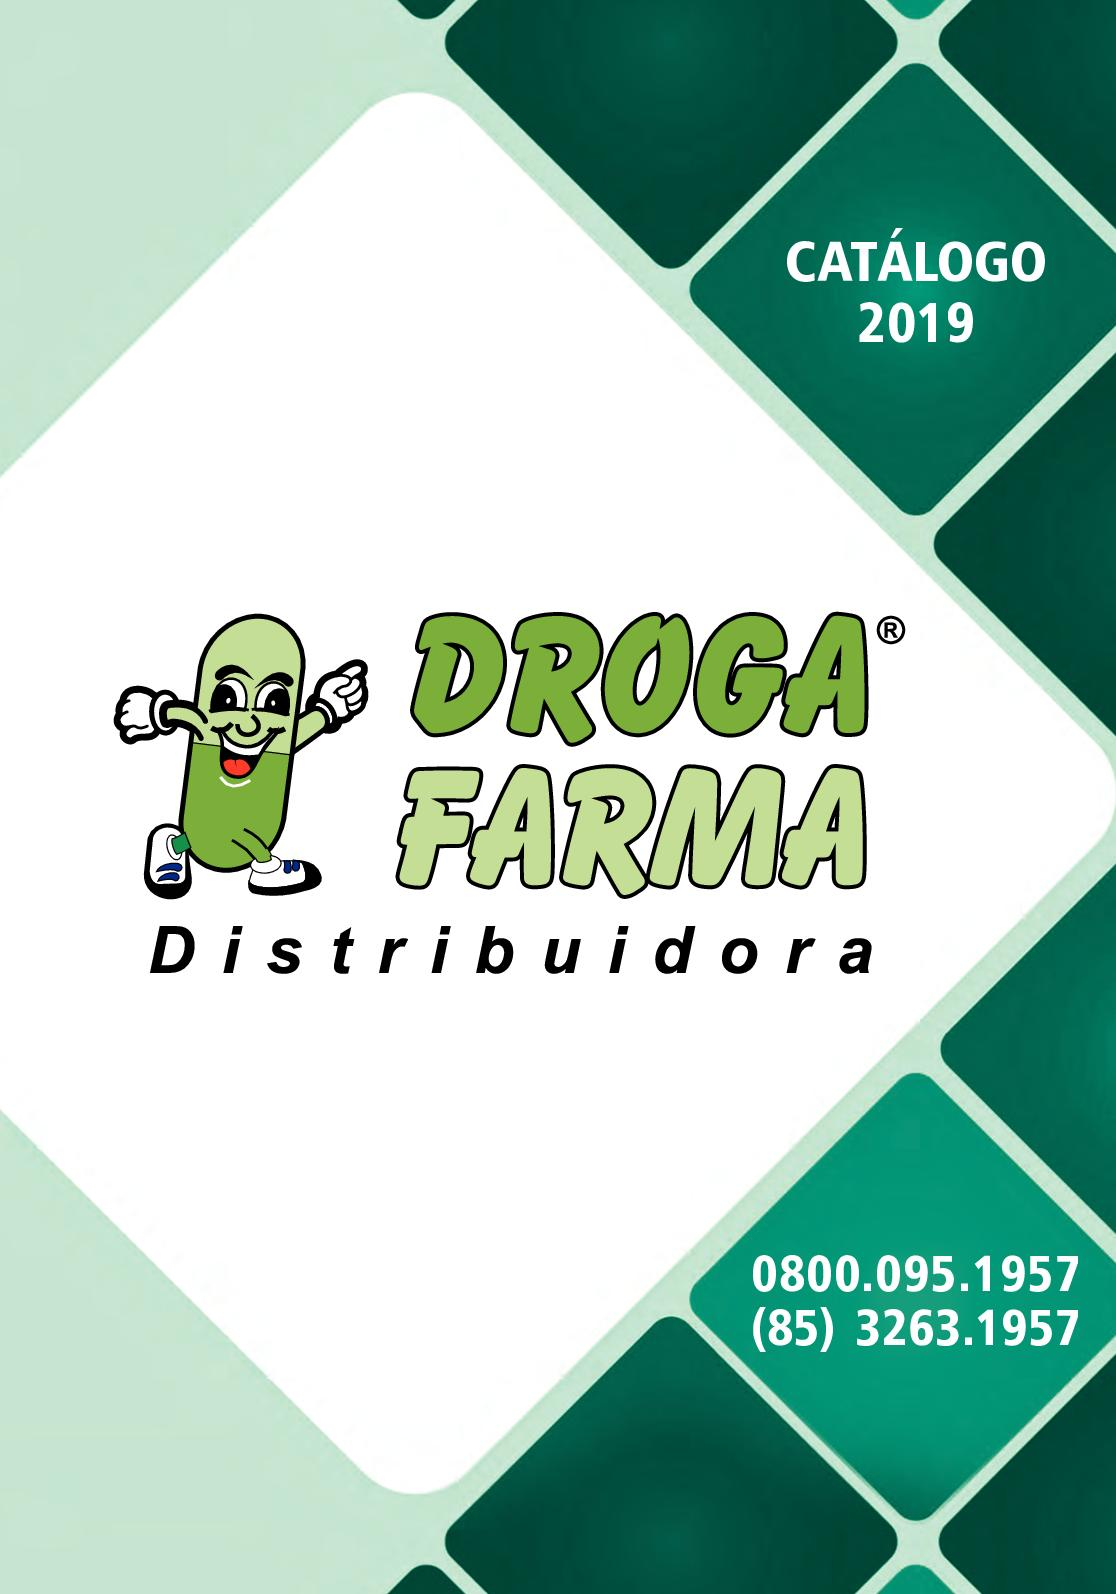 Drogafarma 2019 Print